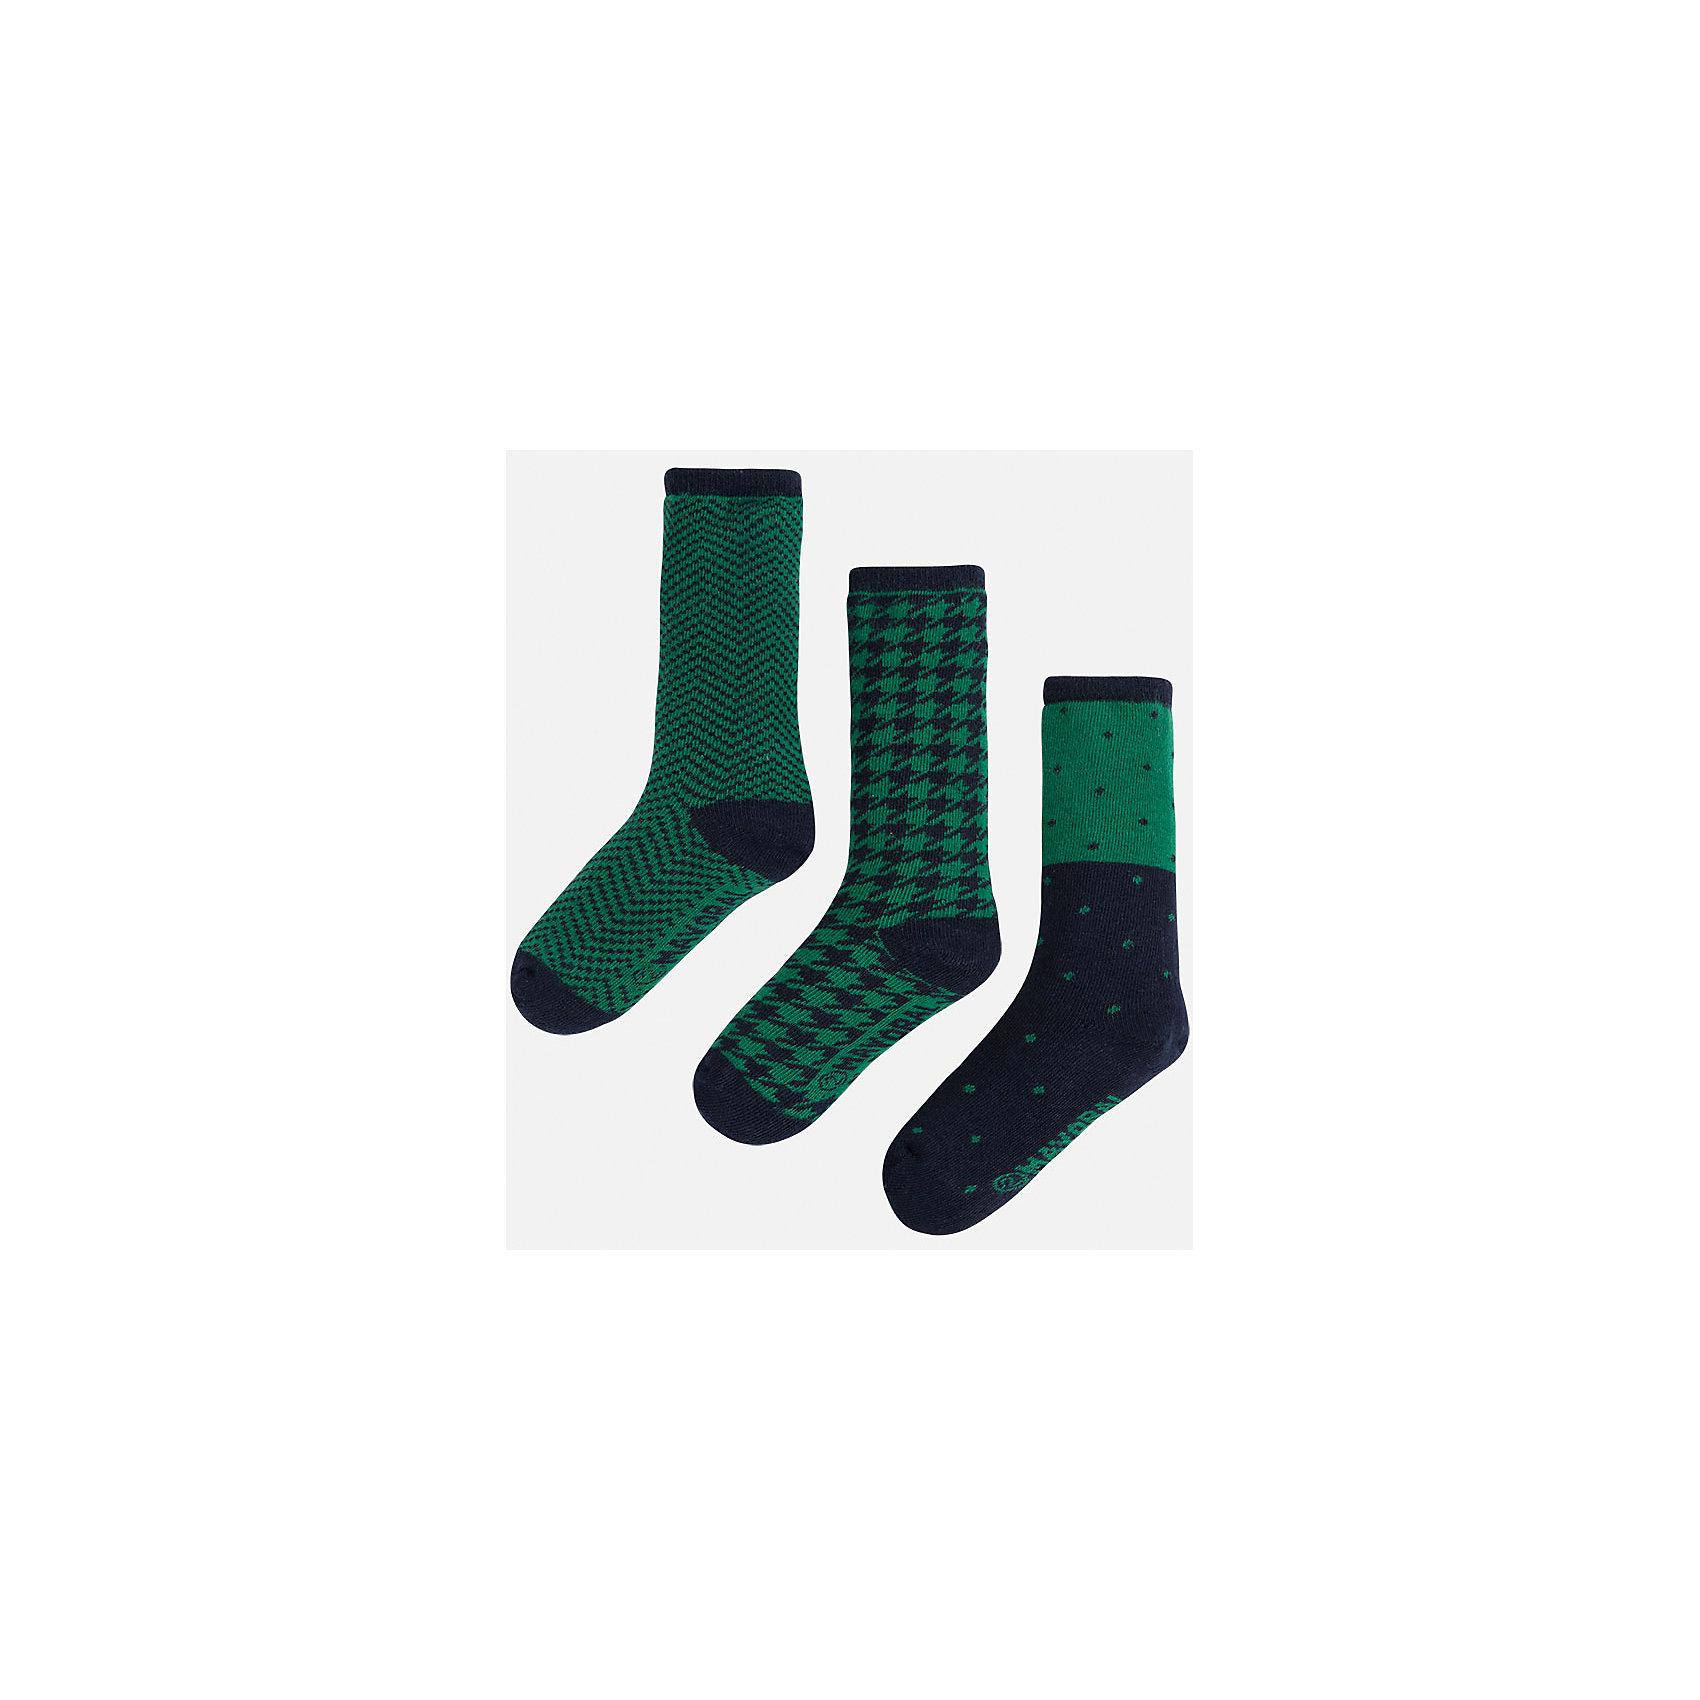 Носки для мальчика, 3 парыНоски<br>Комплект из 3 пар носков для мальчика от известного испанского бренда Mayoral. Каждая пара имеет разную расцветку и сделана из качественных дышащих материалов.<br>Дополнительная информация:<br>-цвет: зеленый, черный<br>Состав: 72% хлопок, 25% полиамид, 3% эластан<br>Комплект носков Mayoral можно приобрести в нашем интернет-магазине.<br><br>Ширина мм: 87<br>Глубина мм: 10<br>Высота мм: 105<br>Вес г: 115<br>Цвет: зеленый<br>Возраст от месяцев: 36<br>Возраст до месяцев: 48<br>Пол: Мужской<br>Возраст: Детский<br>Размер: 4,8,6<br>SKU: 4820113